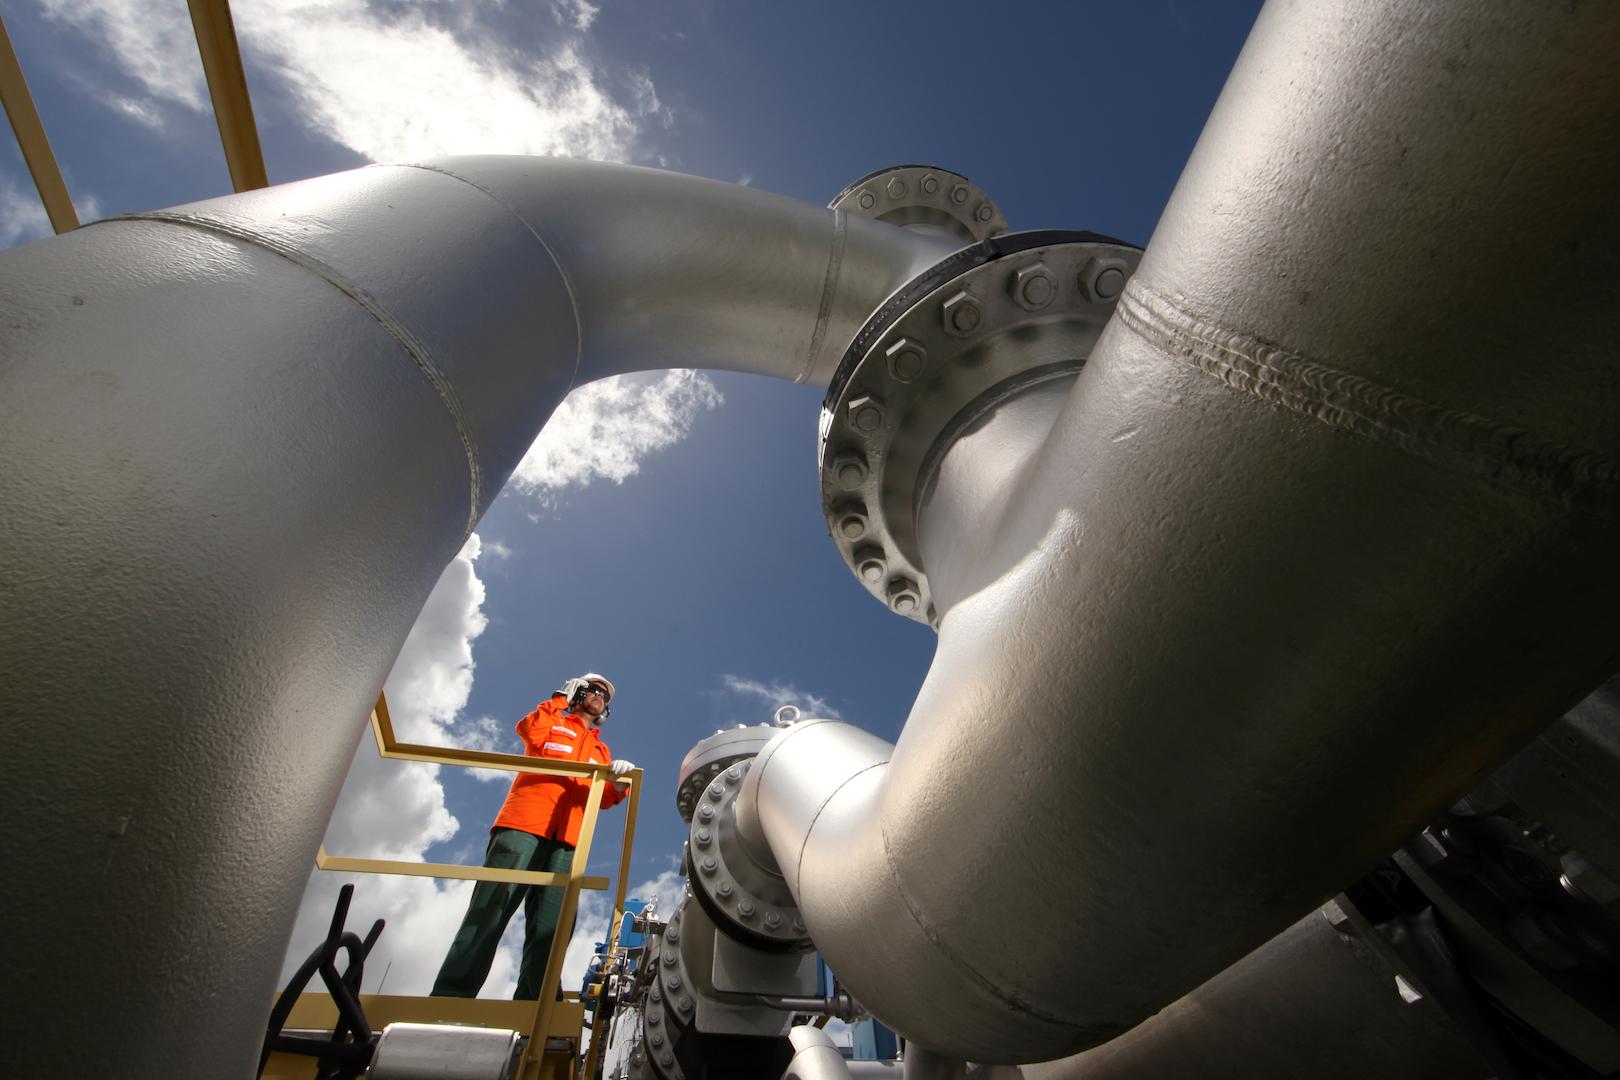 Ao investir em Brasduto país terá energia limpa, escreve Adriano Pires